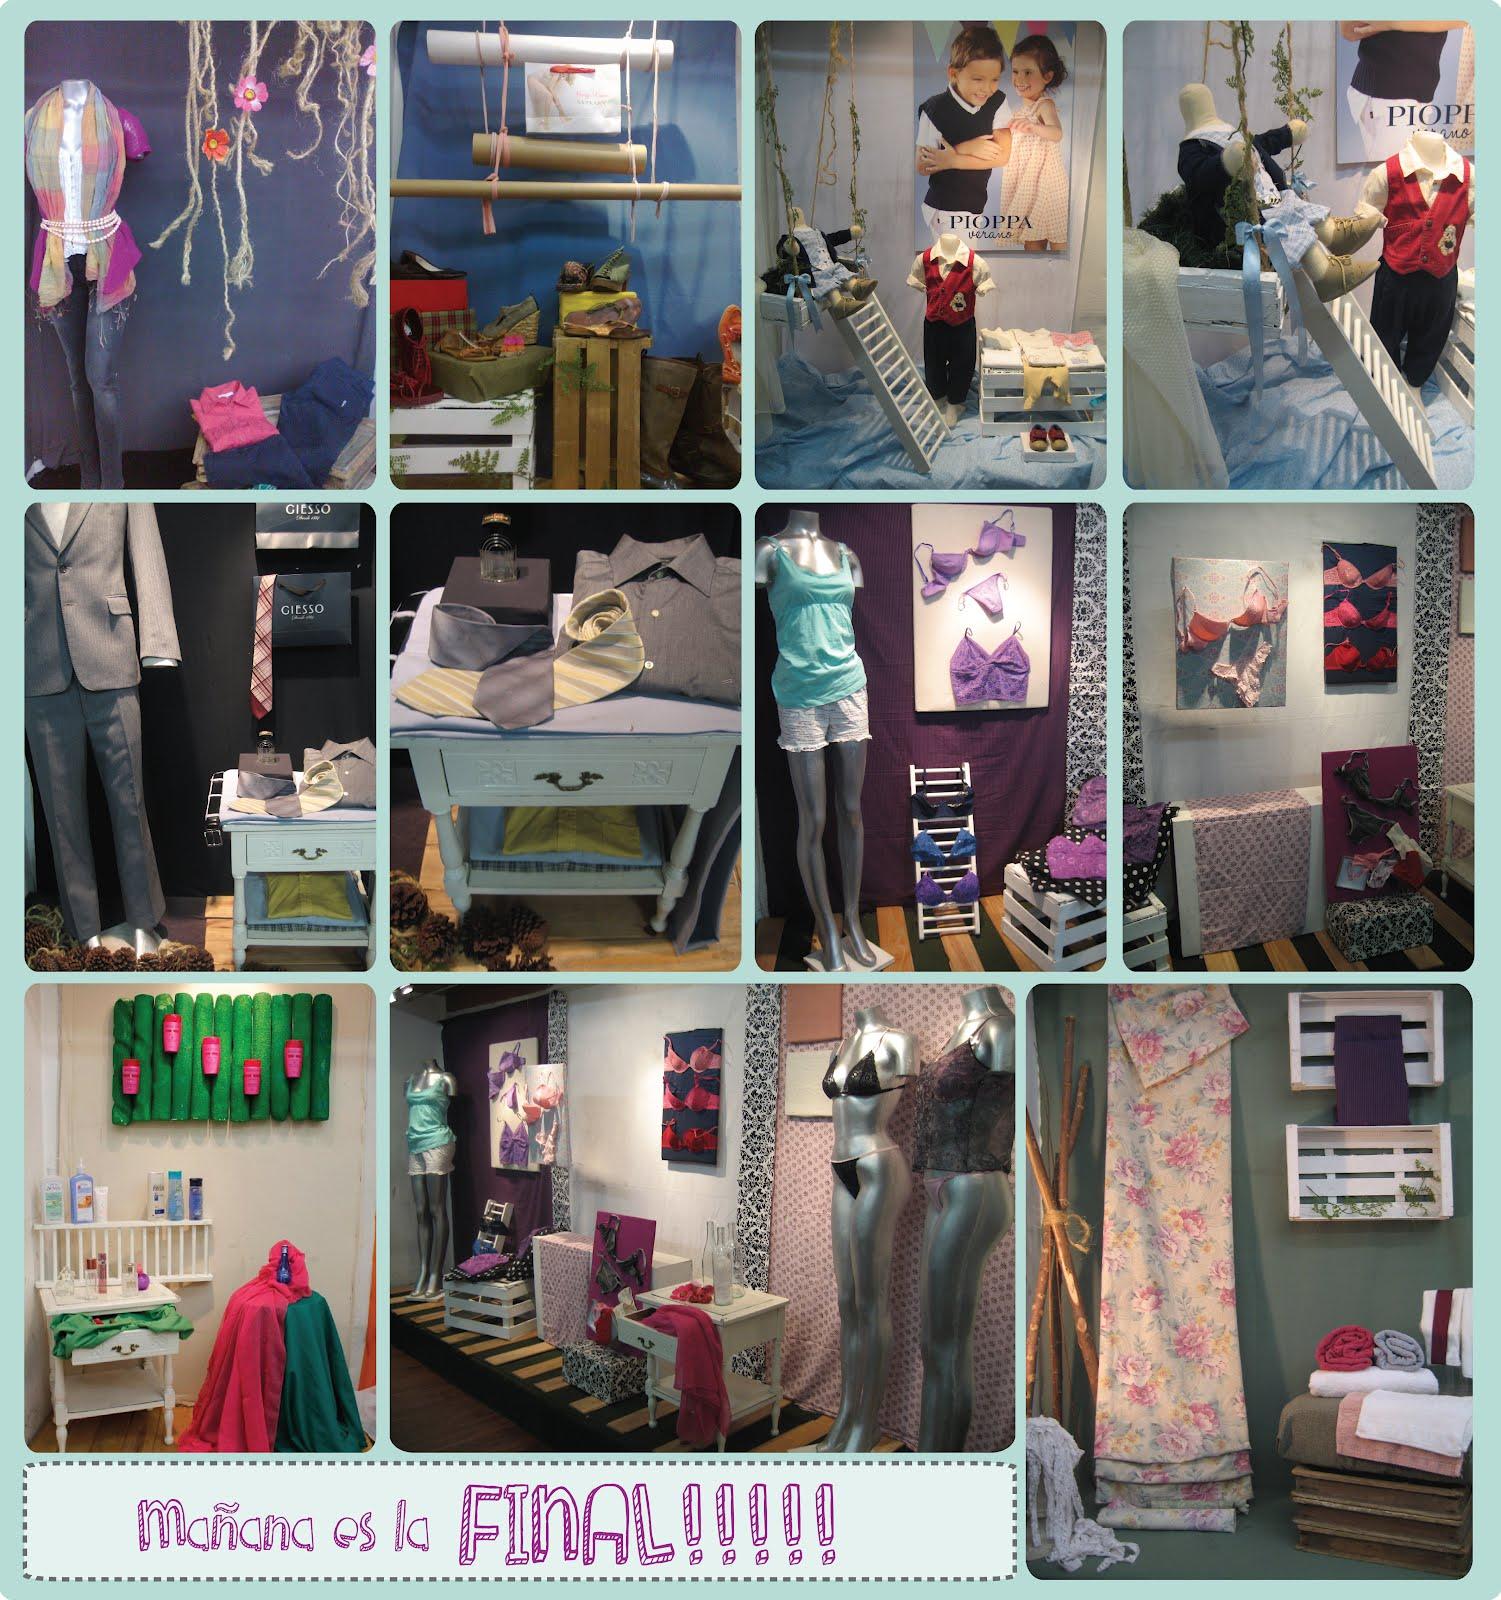 imagenes de vidrieras de ropa - La ropa para el invierno llegó a las vidrieras con subas de